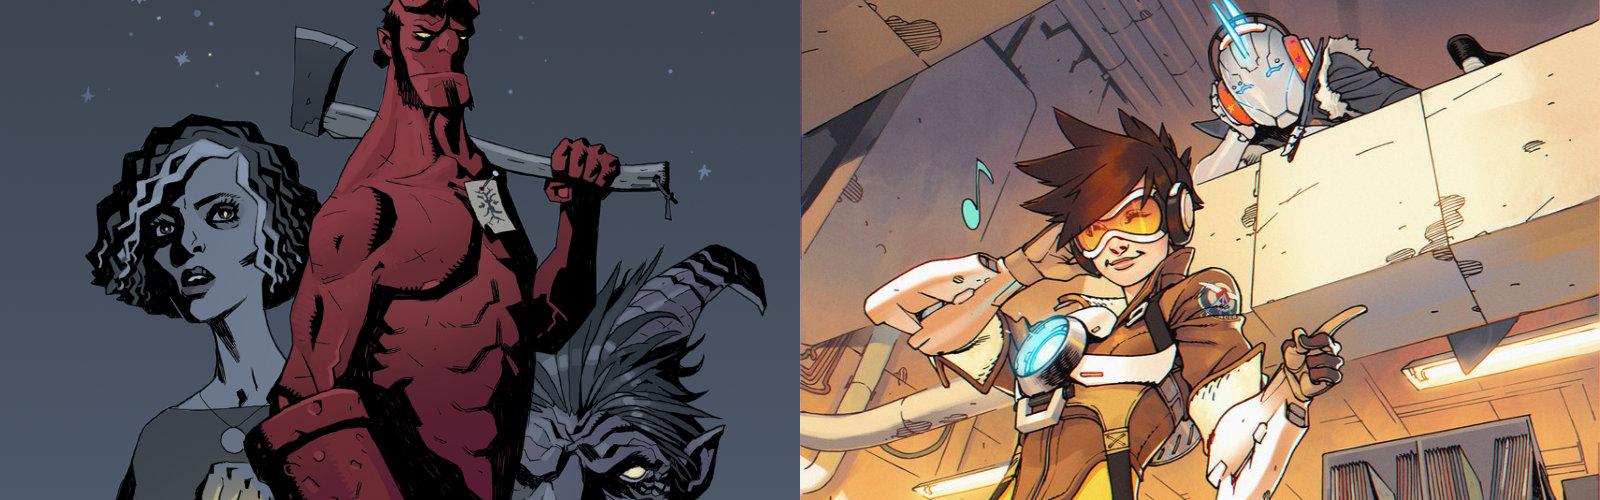 Solicitations: December 2020 – Dark Horse Comics